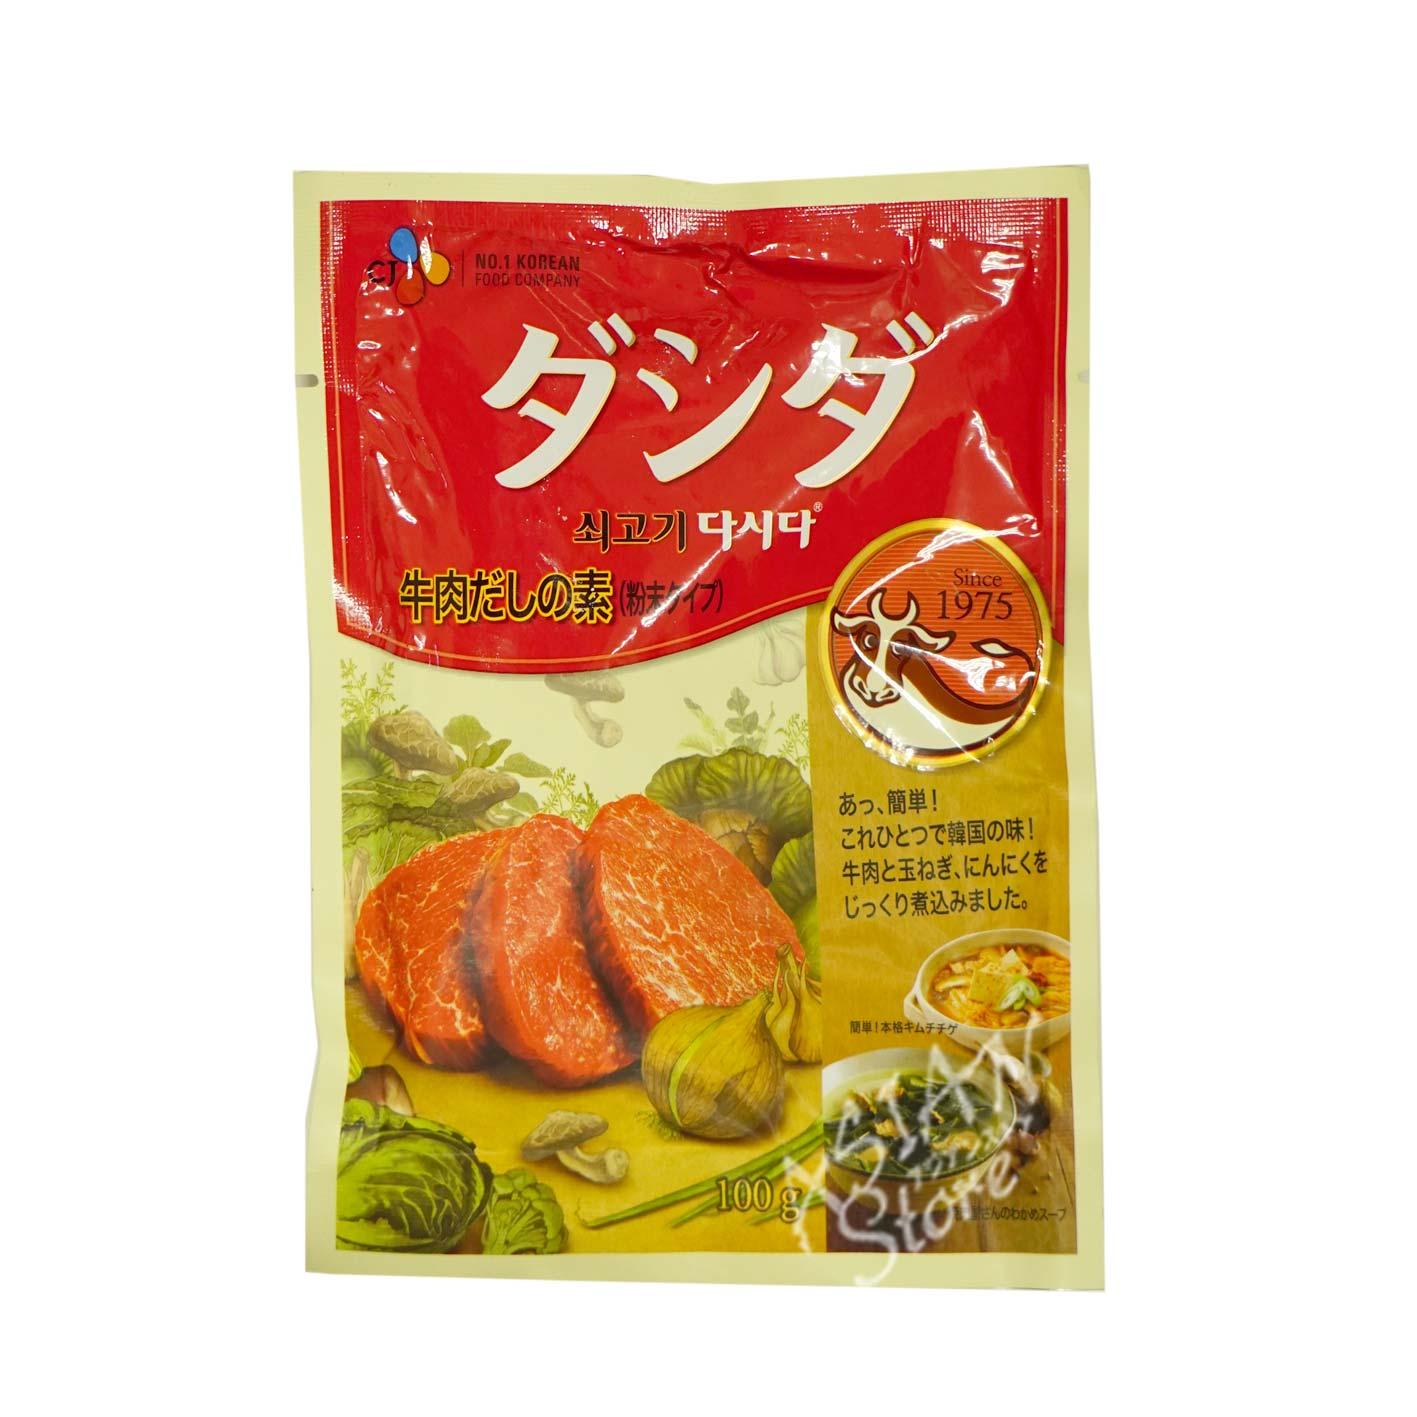 【常温便】牛肉ダシダ/韓国牛精100g